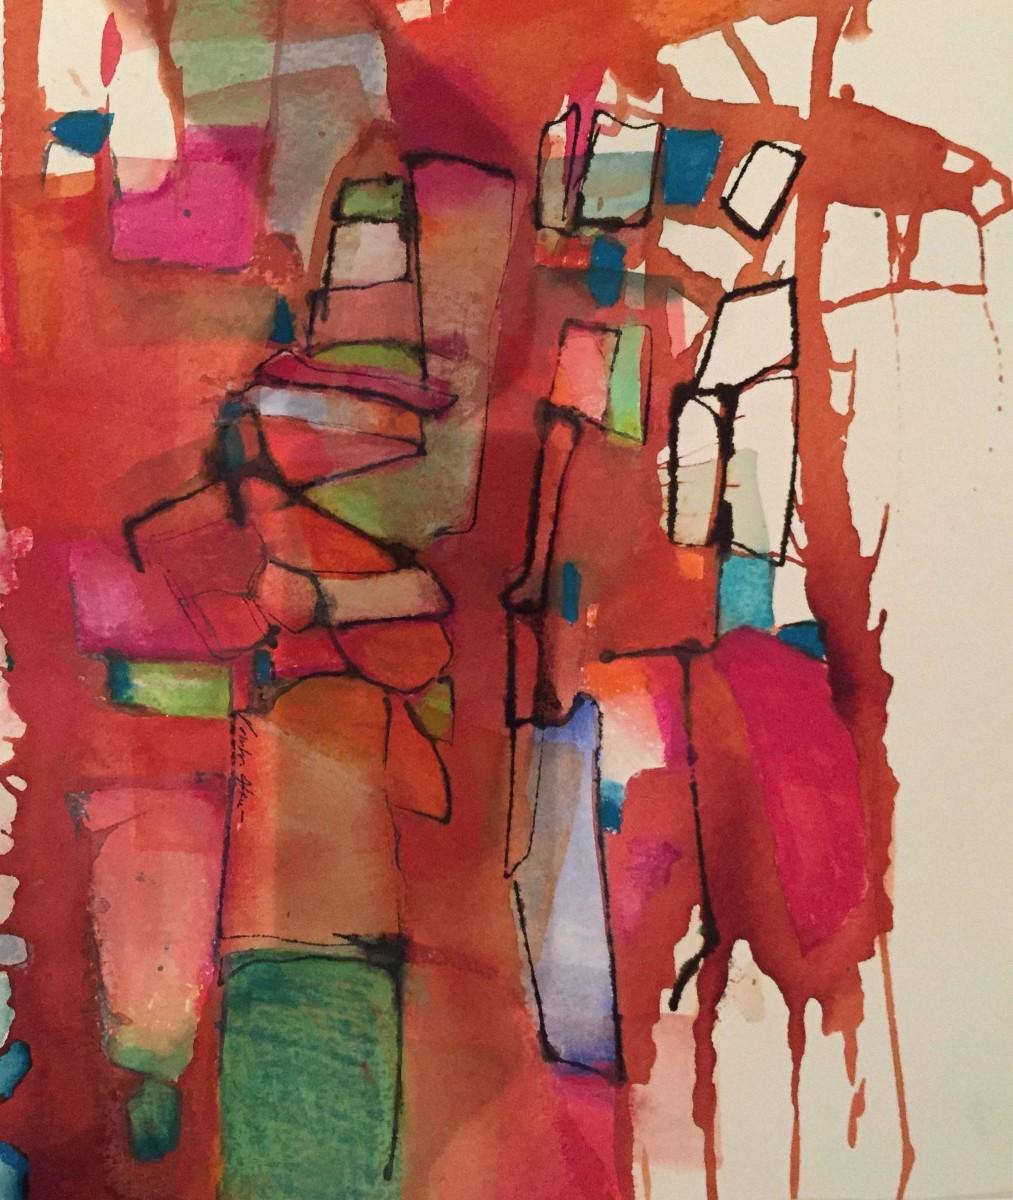 Valentina Atkinson, Loma Bonita, Watercolor and Pastel, 16 x 12 in.